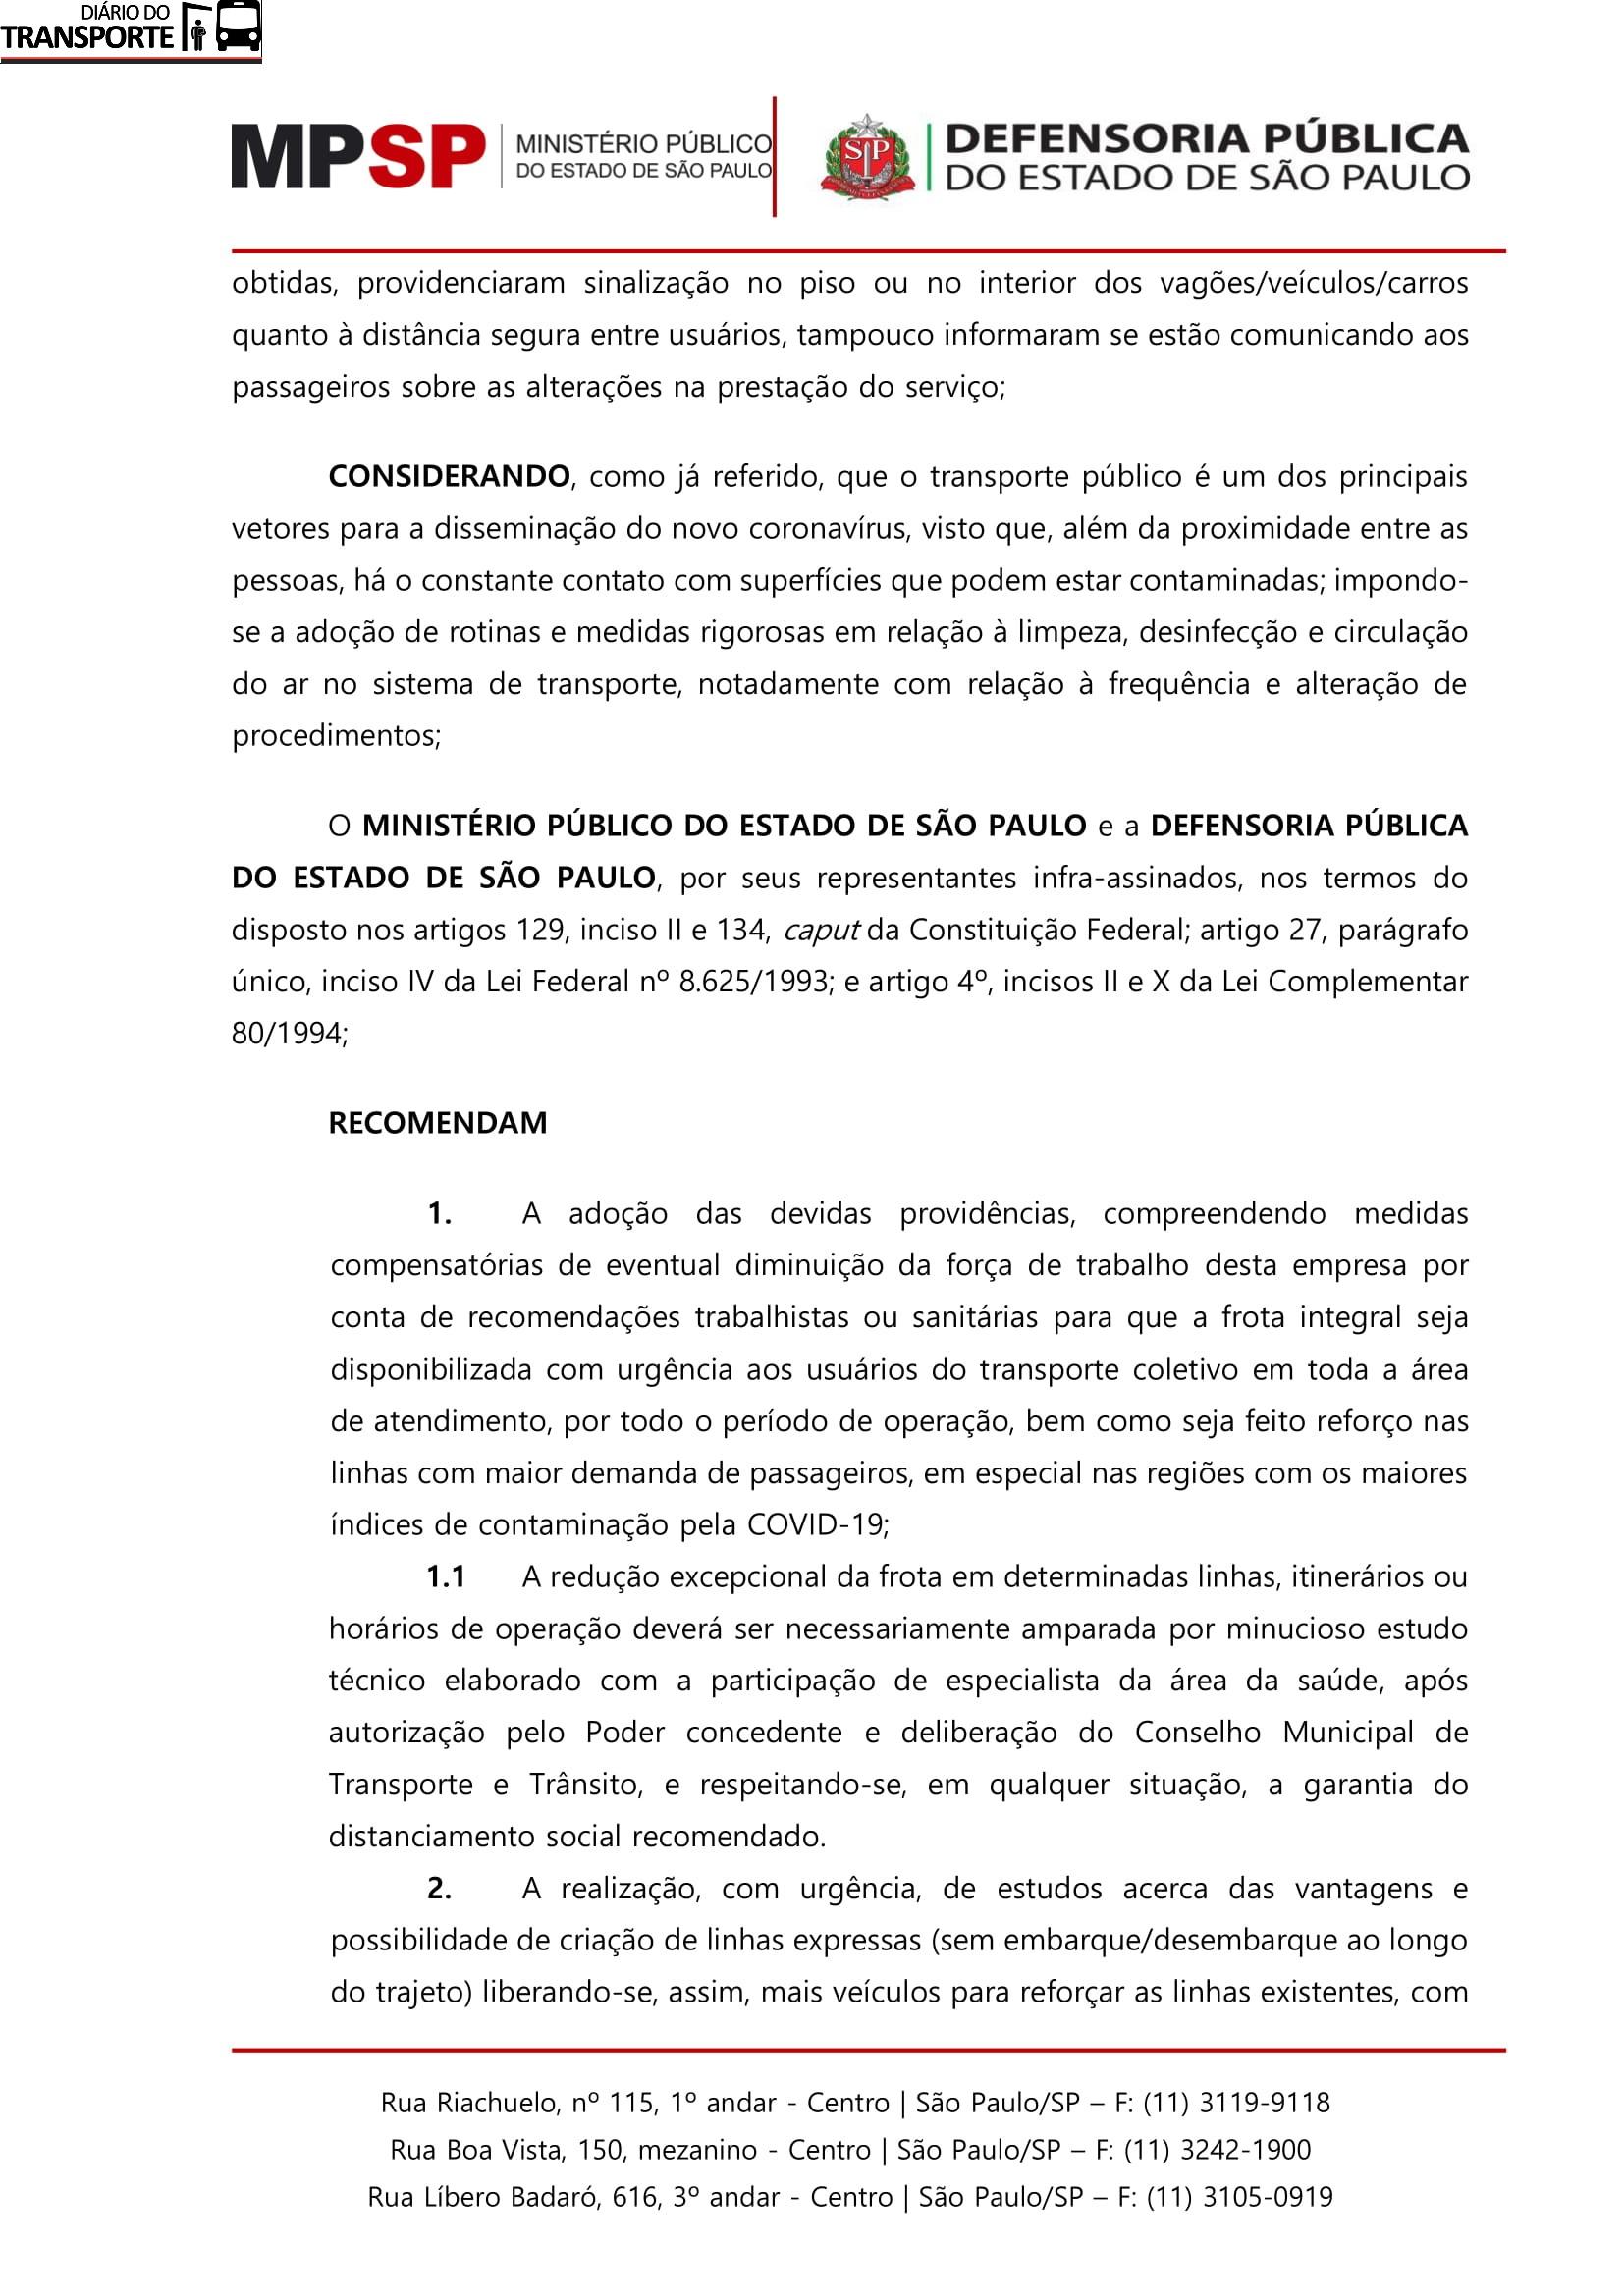 recomendação transporte_EMTU-10